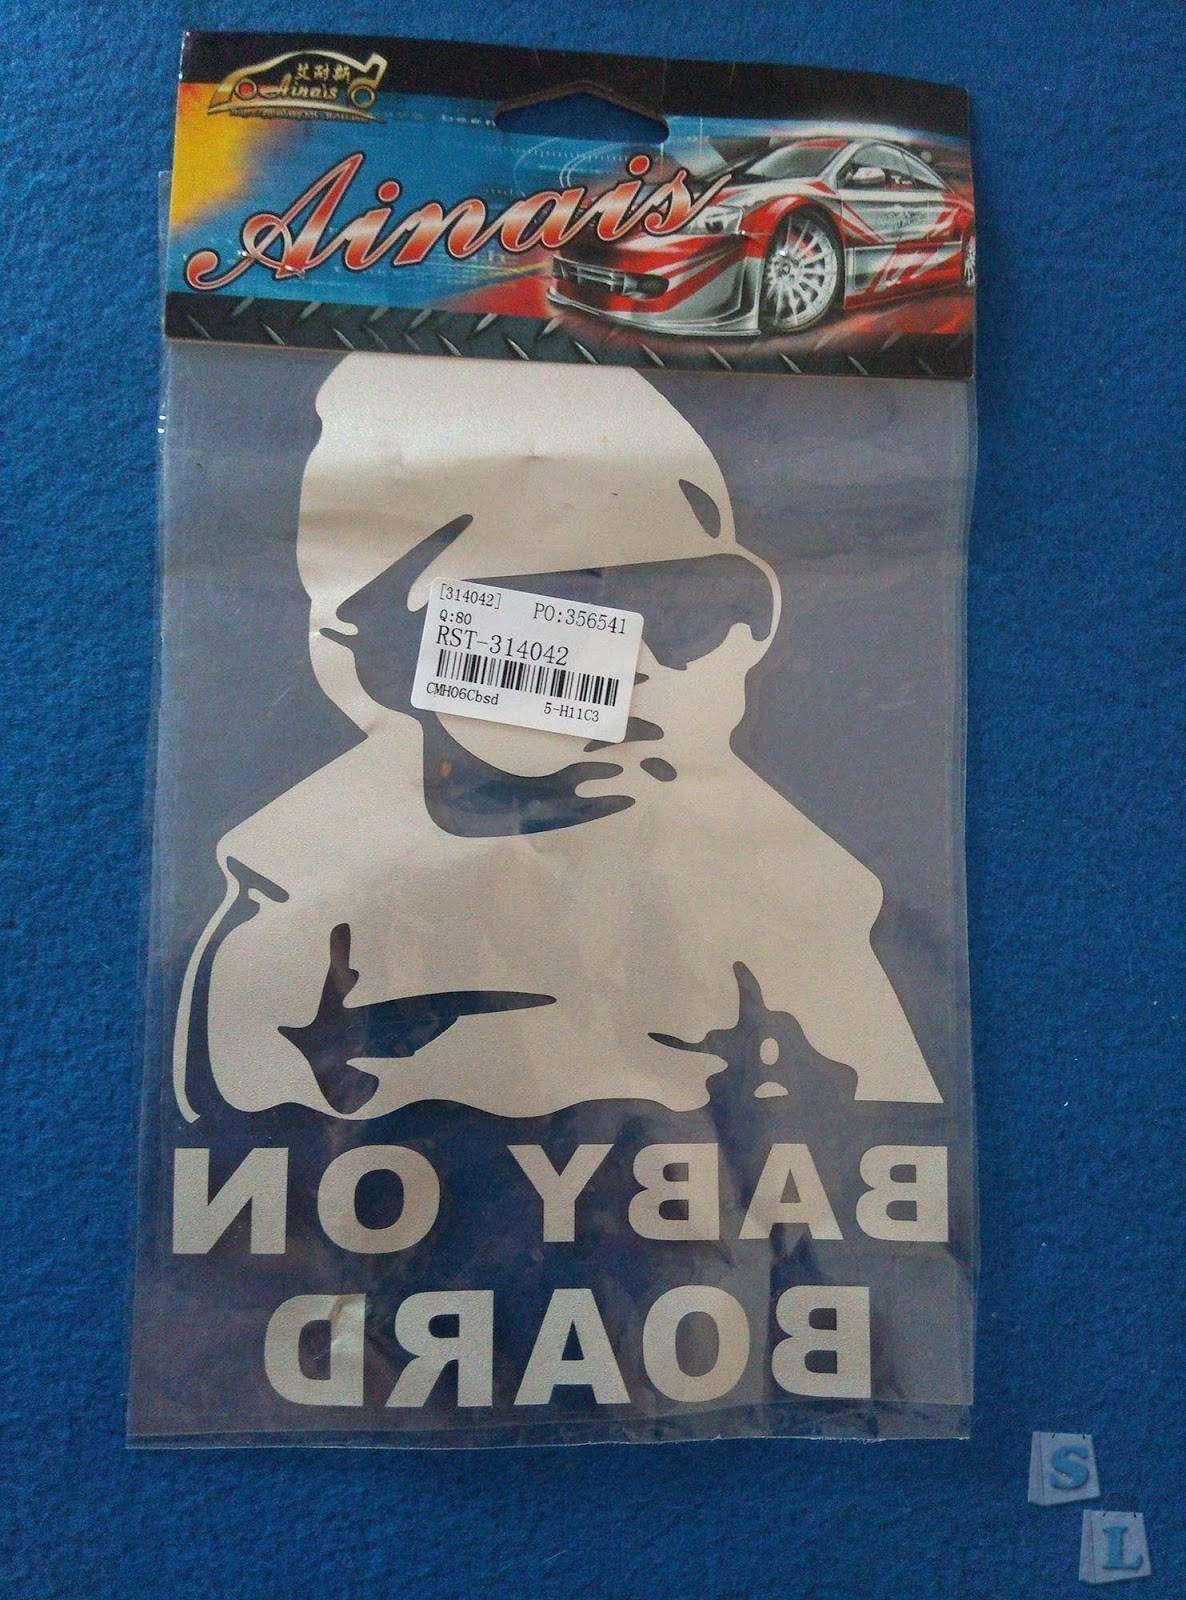 TinyDeal: Наклейка на авто.